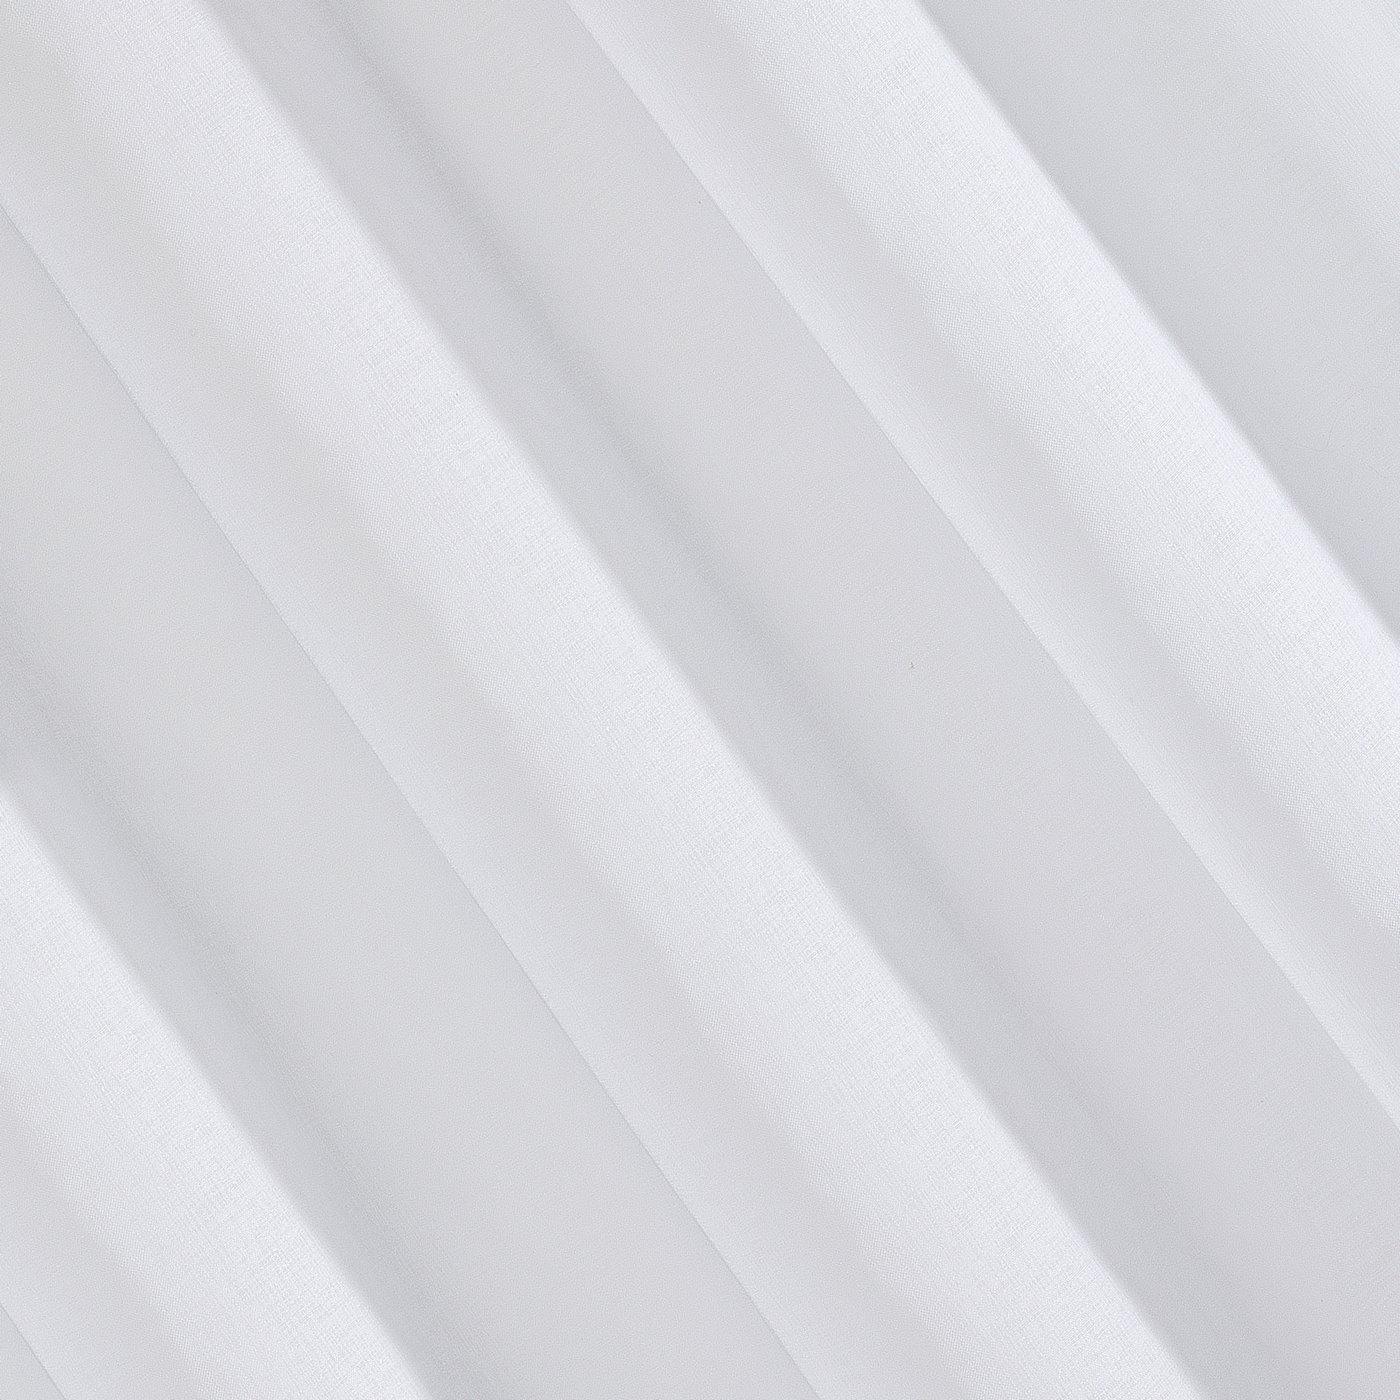 Gładka biała firana gotowa na przelotkach 140x250 cm